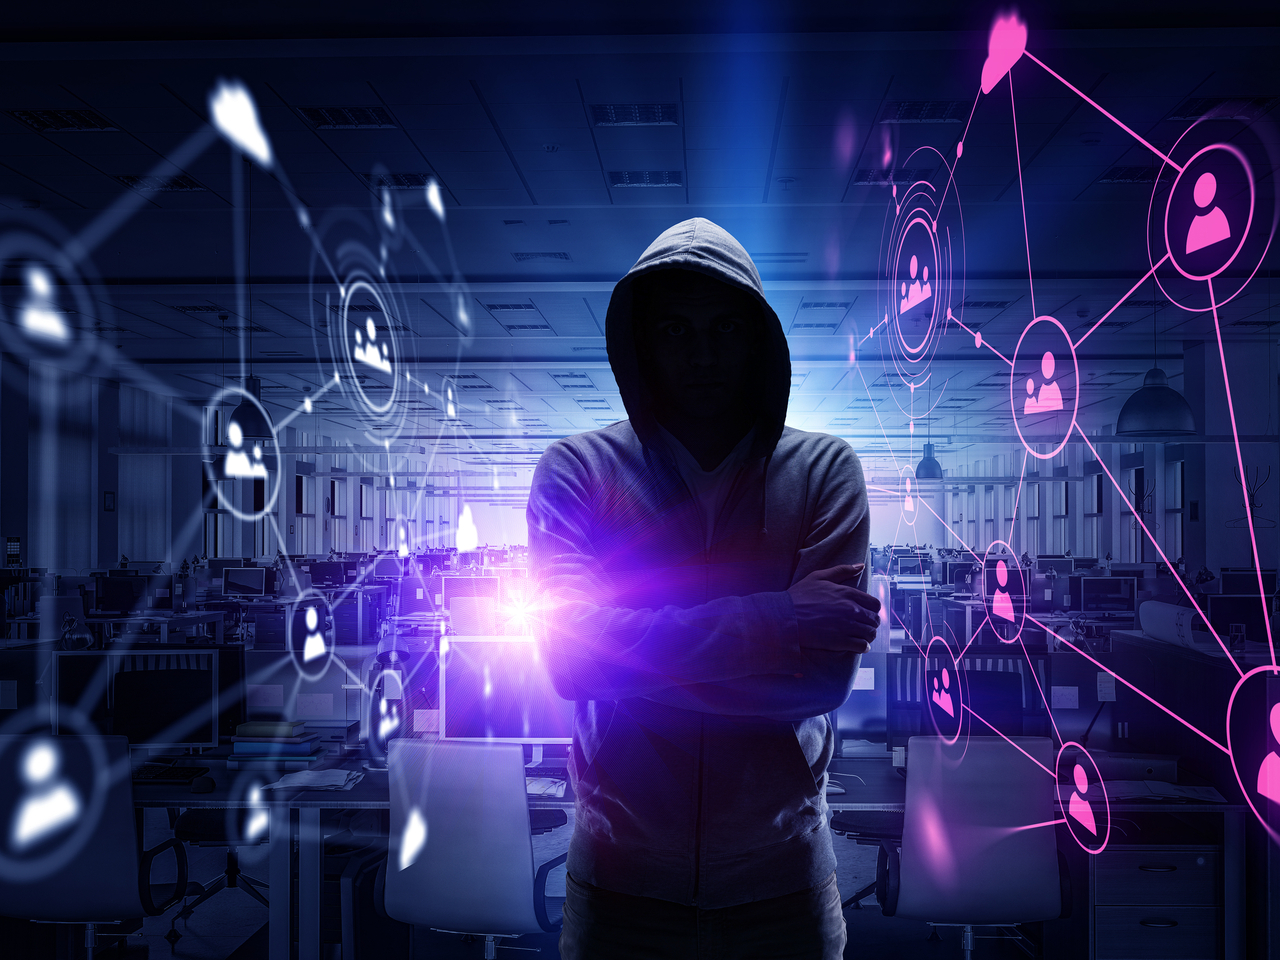 Hình ảnh Hacker khoanh tay những kết nối màu tím